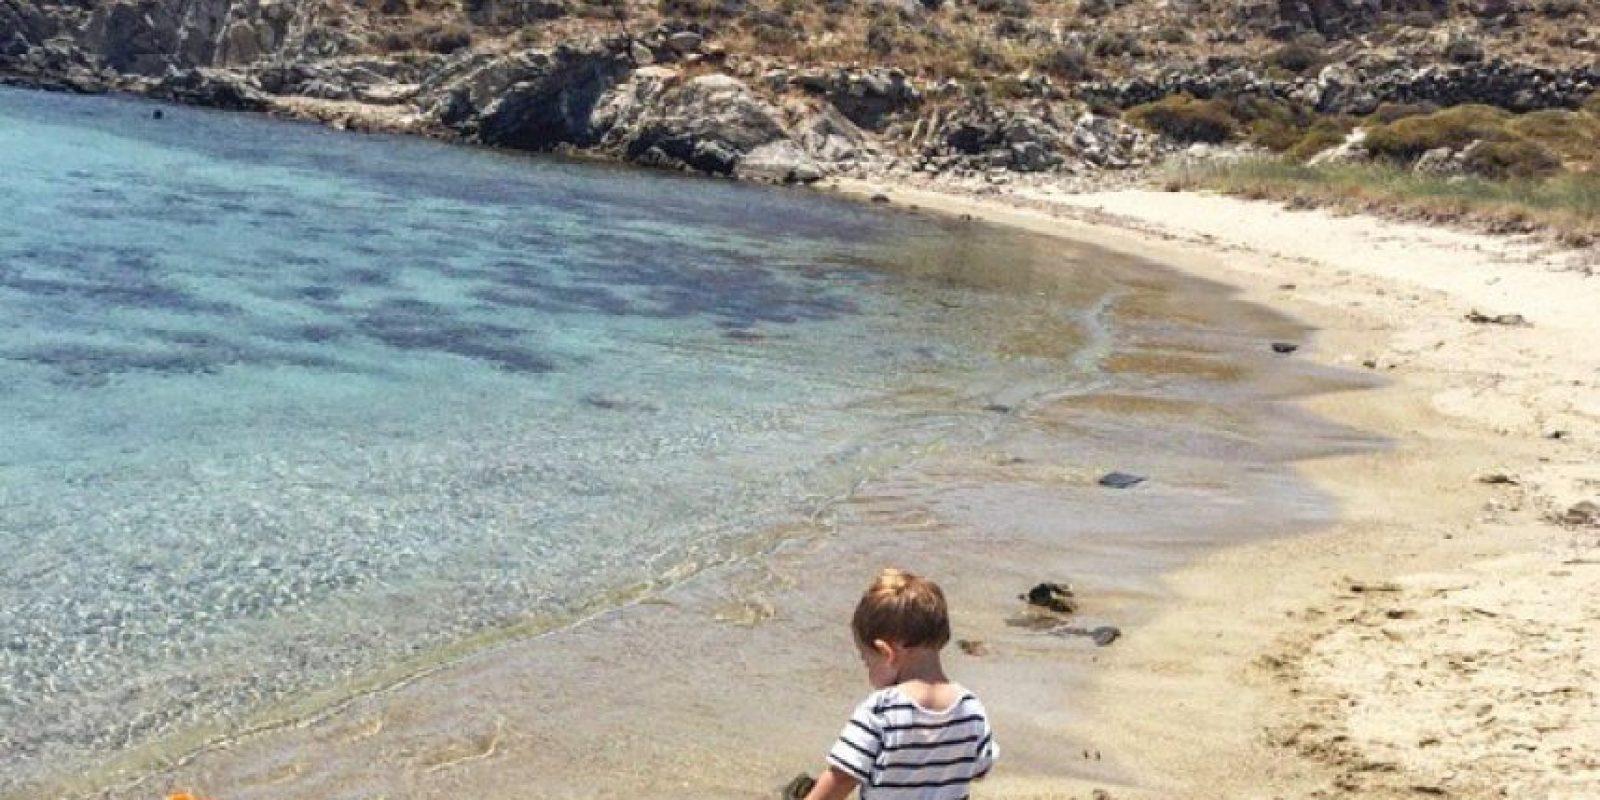 Y finalmente, estuvieron varios días en Grecia. Foto:Vía instagram.com/ikercasillasoficial